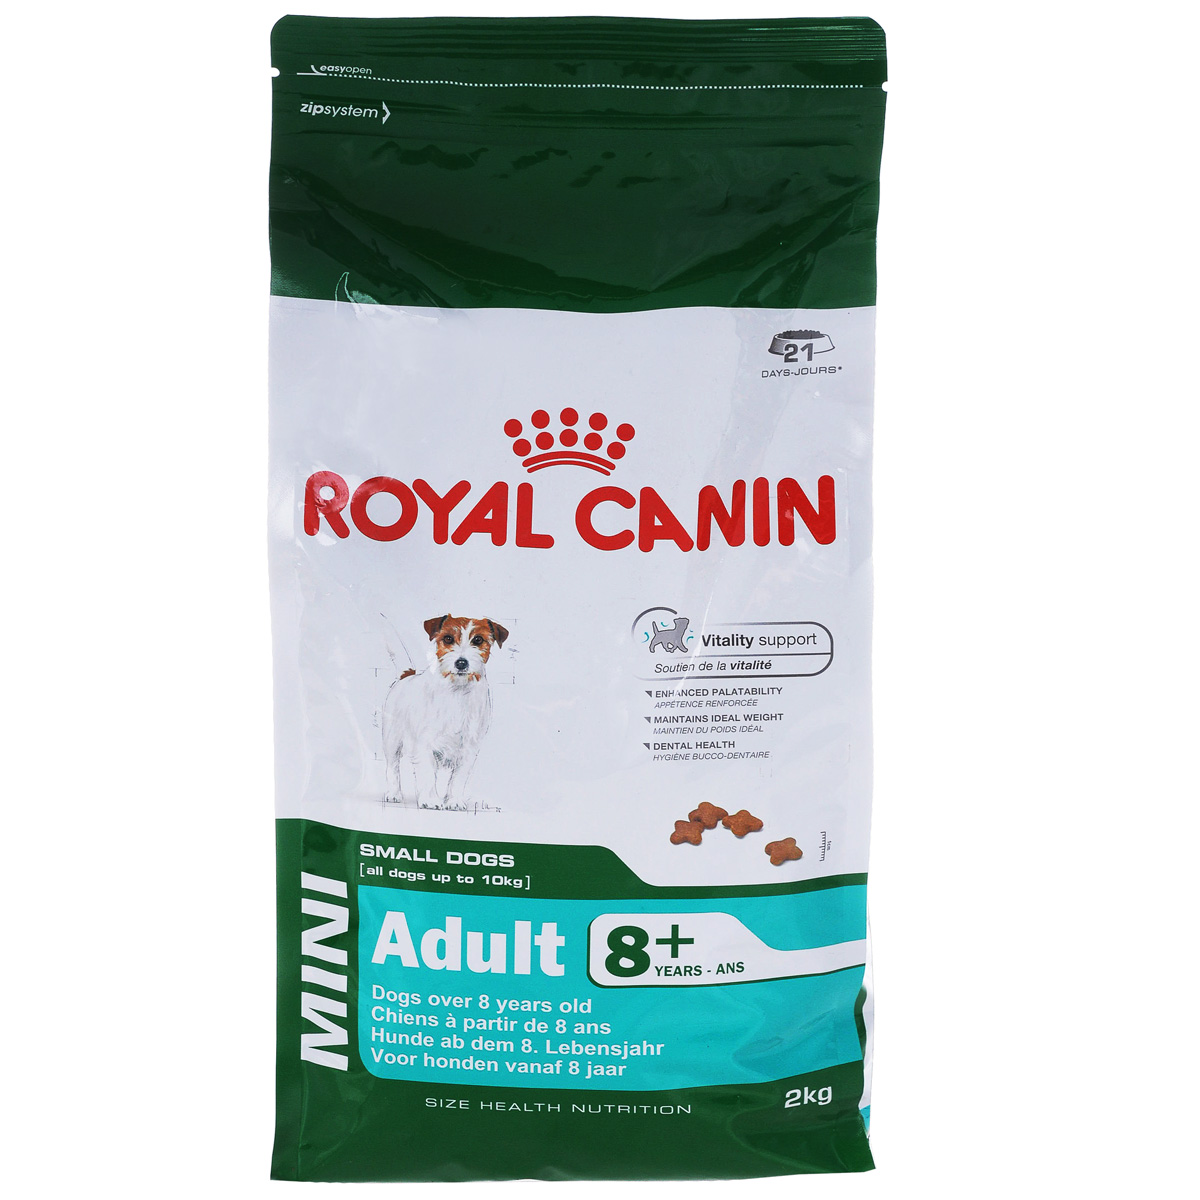 Корм сухой Royal Canin Mini Adult 8+, для собак весом до 10 кг старше 8 лет, 2 кг101246Сухой корм Royal Canin Mini Adult 8+ является полнорационным кормом для стареющих собак (в возрасте 8 лет и старше) мелких размеров.Особенности корма Royal Canin Mini Adult 8+: обеспечивает поддержание оптимального веса; питает шерсть собаки; способствует прекрасному аппетиту; помогает сократить отложение зубного камня.Состав: кукуруза, рис, дегидратированное мясо птицы, животные жиры, кукурузная клейковина, кукурузная мука, гидролизат белков животного происхождения, изолят растительных белков, свекольный жом, минеральные вещества, дрожжи, соевое масло, рыбий жир, фруктоолигосахариды.Пищевые добавки на 1 кг: витамин А 22200 МЕ, витамин D3 1000 МЕ, железо 47 мг, йод 4,7 мг, марганец 60 мг, цинк 181 мг, селен 0,08 мг, L-карнитин 50 мг, триполифосфат натрия 3,5 г, консервант, антиокислители.Питательные вещества: белки 27%, жиры 16%, минеральные вещества 4,7%, клетчатка 1,5%, медь 15 мг/кг.Товар сертифицирован.